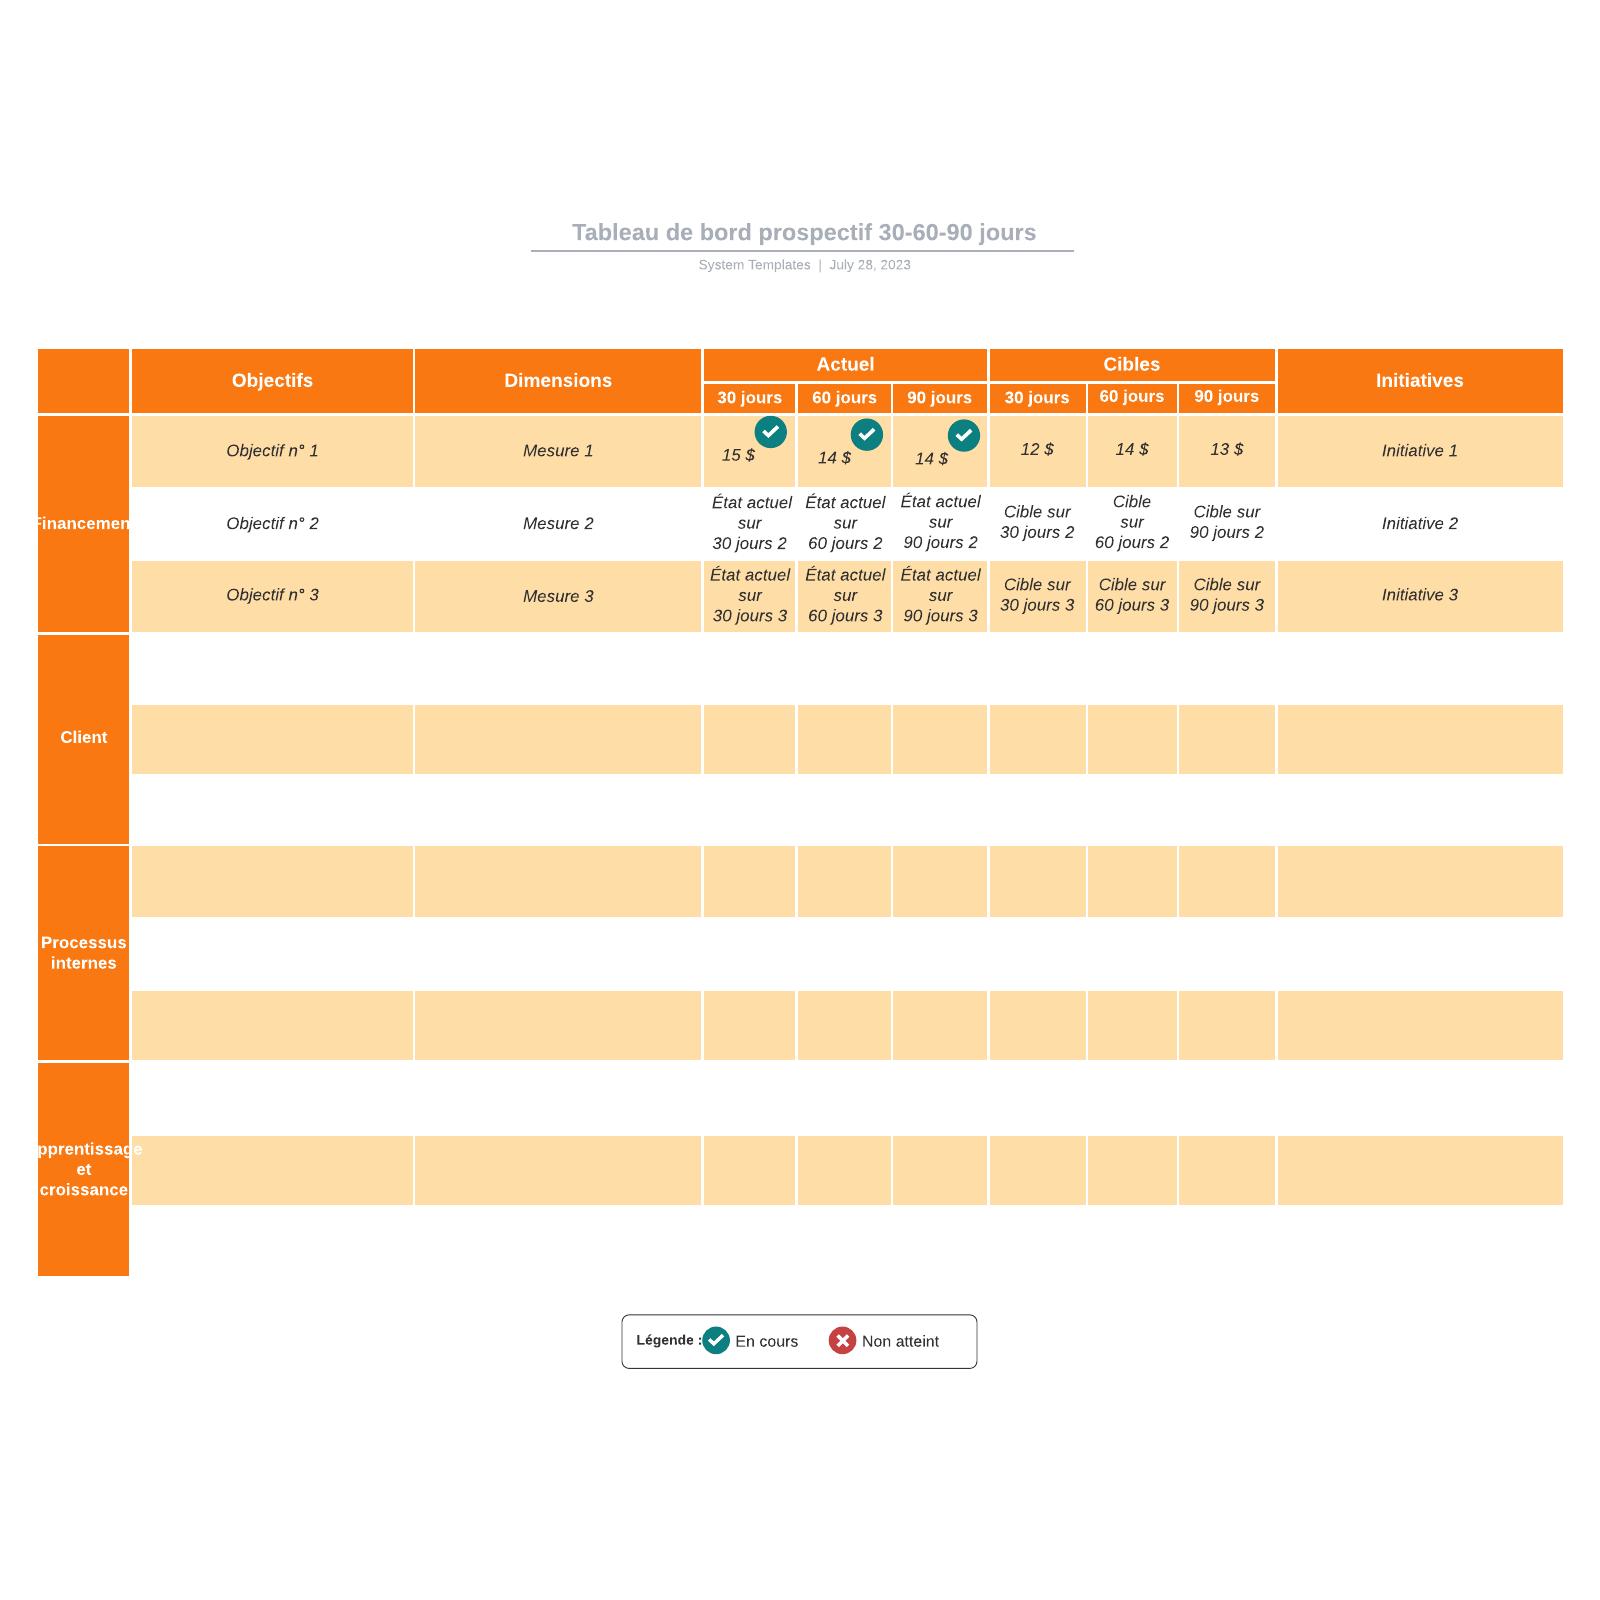 exemple de tableau de bord prospectif vierge à de 30-60-90 jours